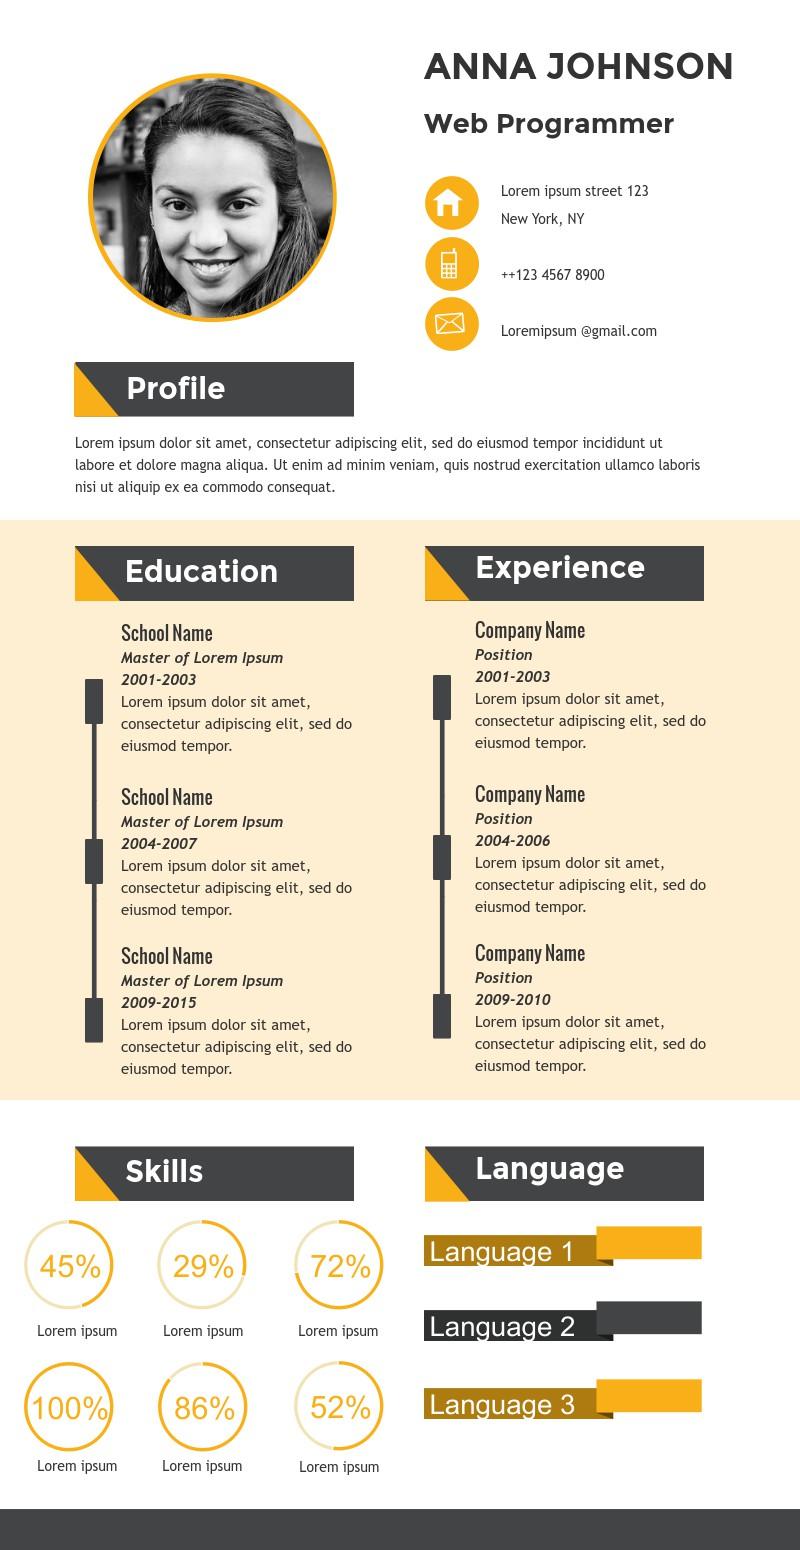 Web Programmer Resume Infographic Template Visme